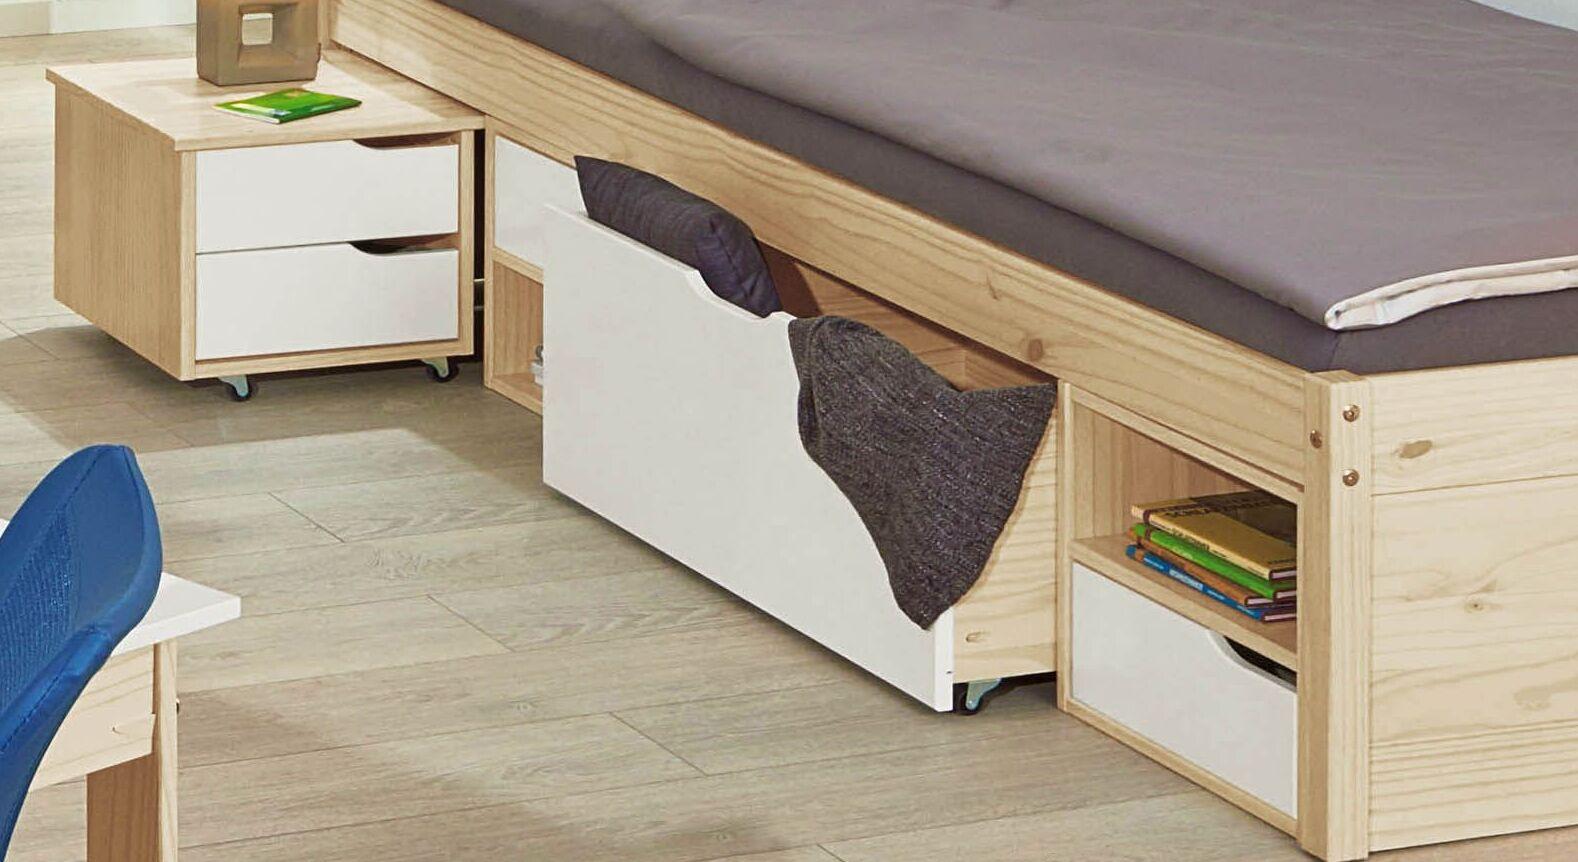 Jugendbett Mit Schubkasten Inklusive Nachttisch Aus Kiefer